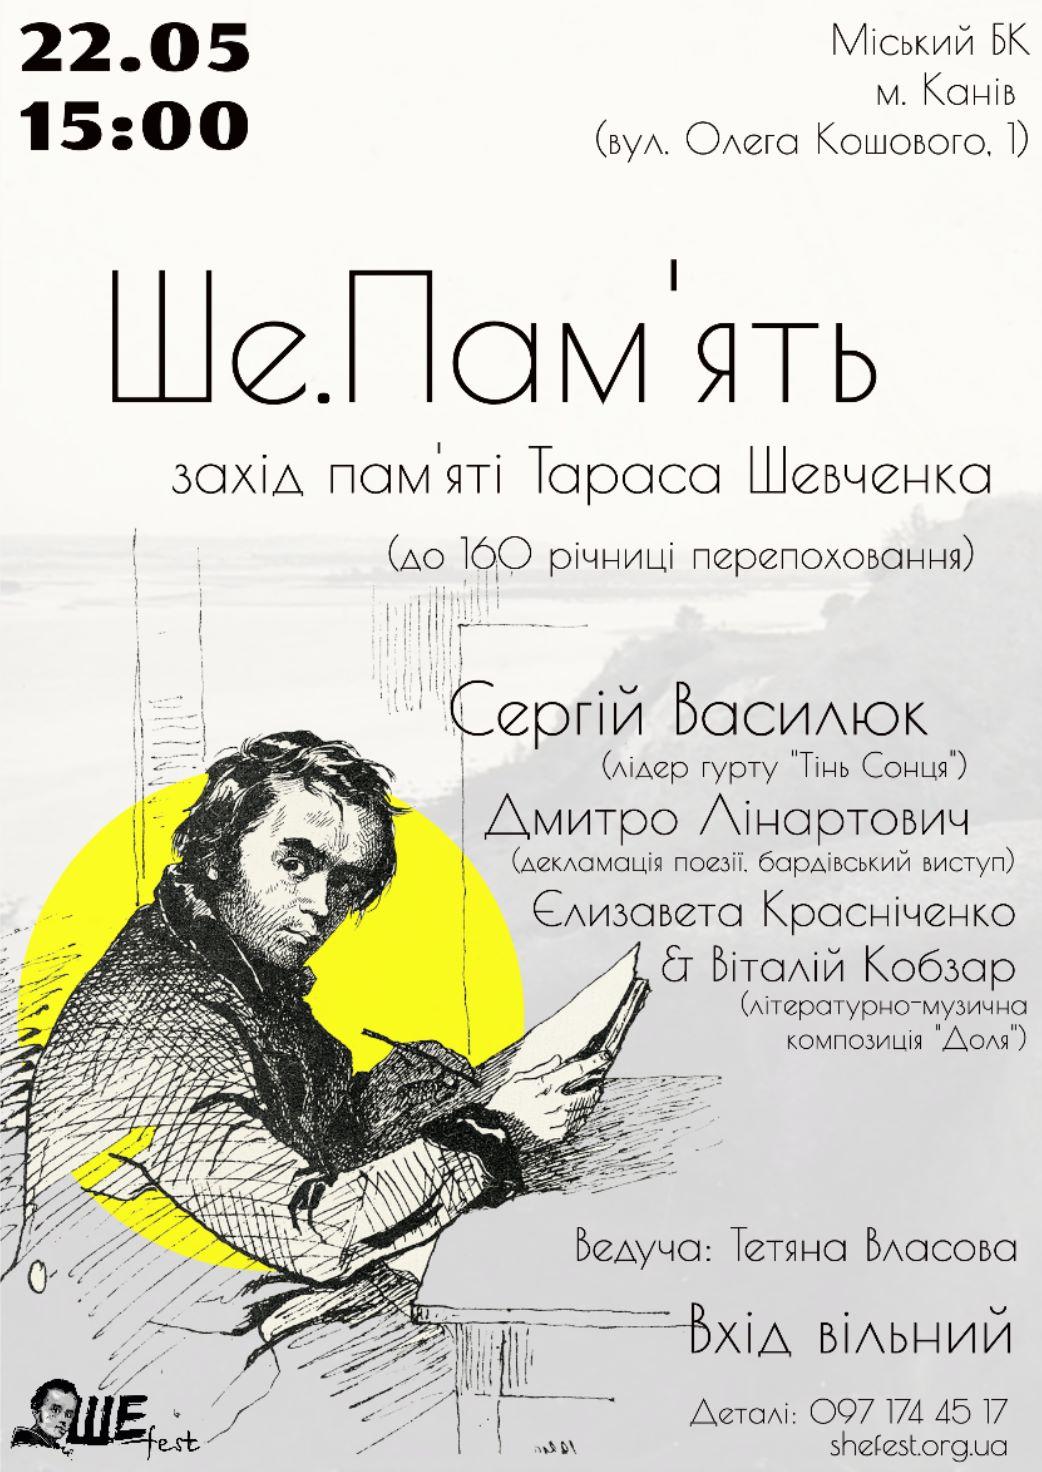 Захід пам'яті до дня перепоховання Шевченка відбудеться в Каневі